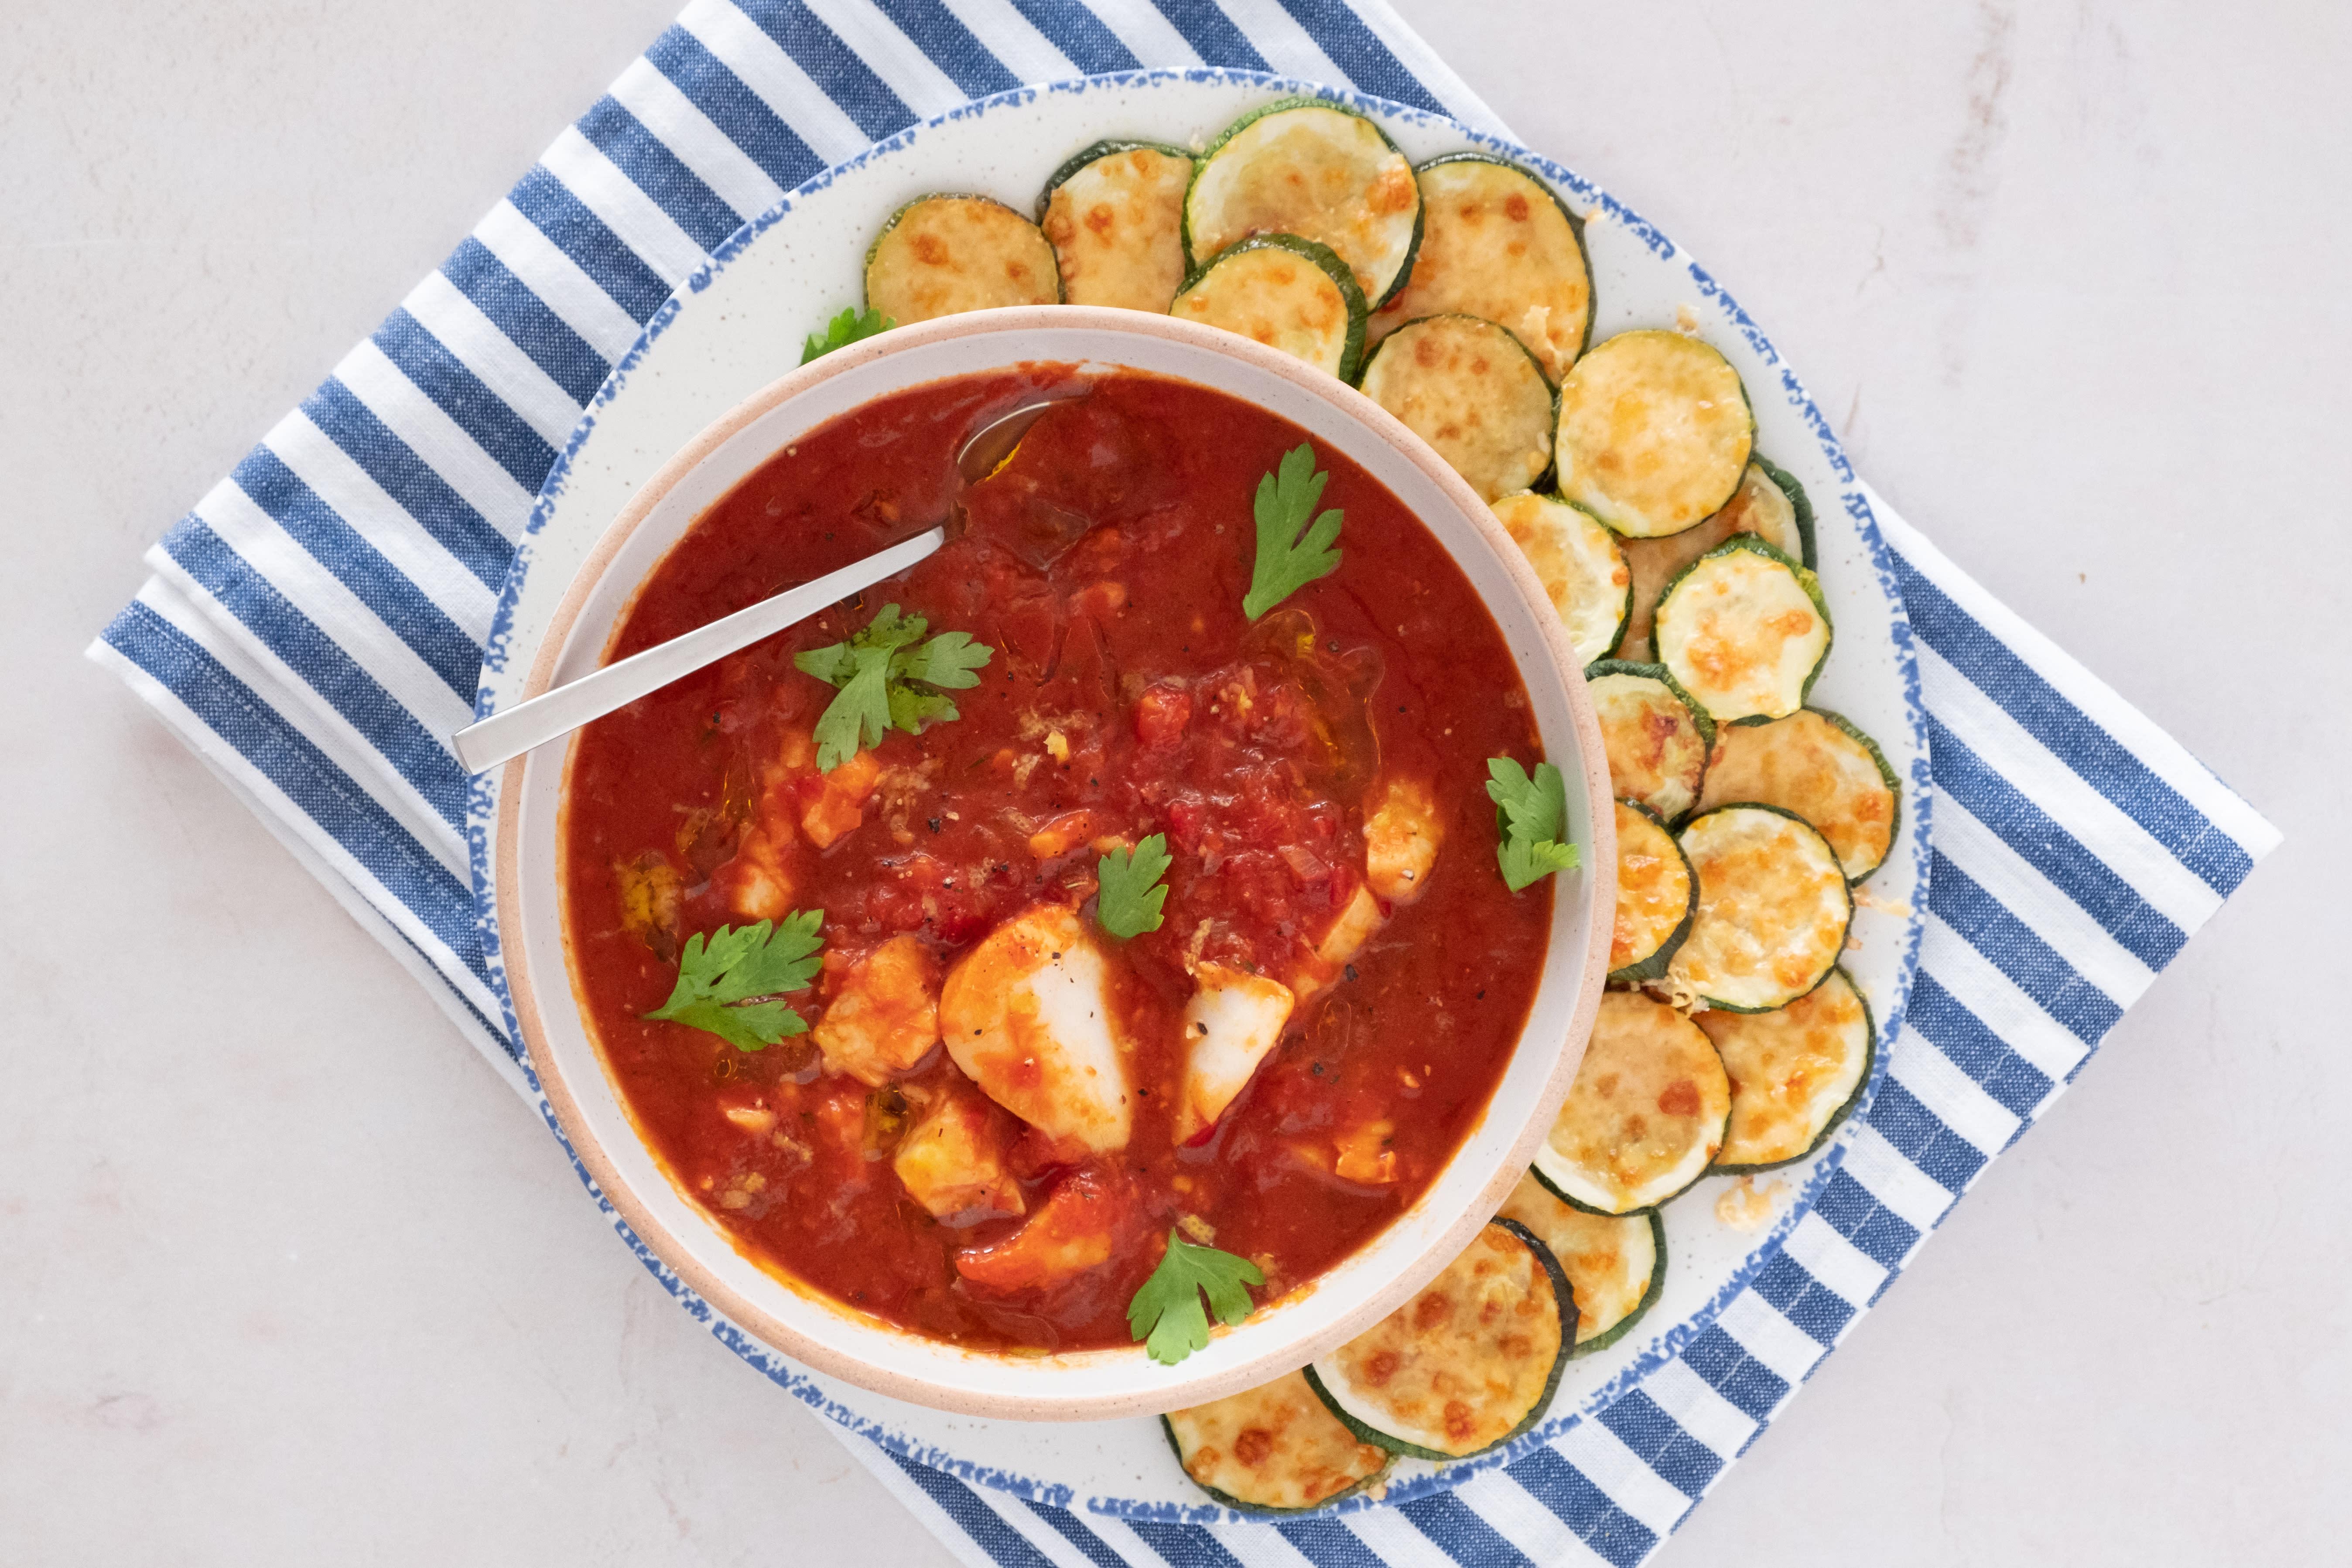 Mediterranean Cod Stew with Zucchini Parmesan Chips